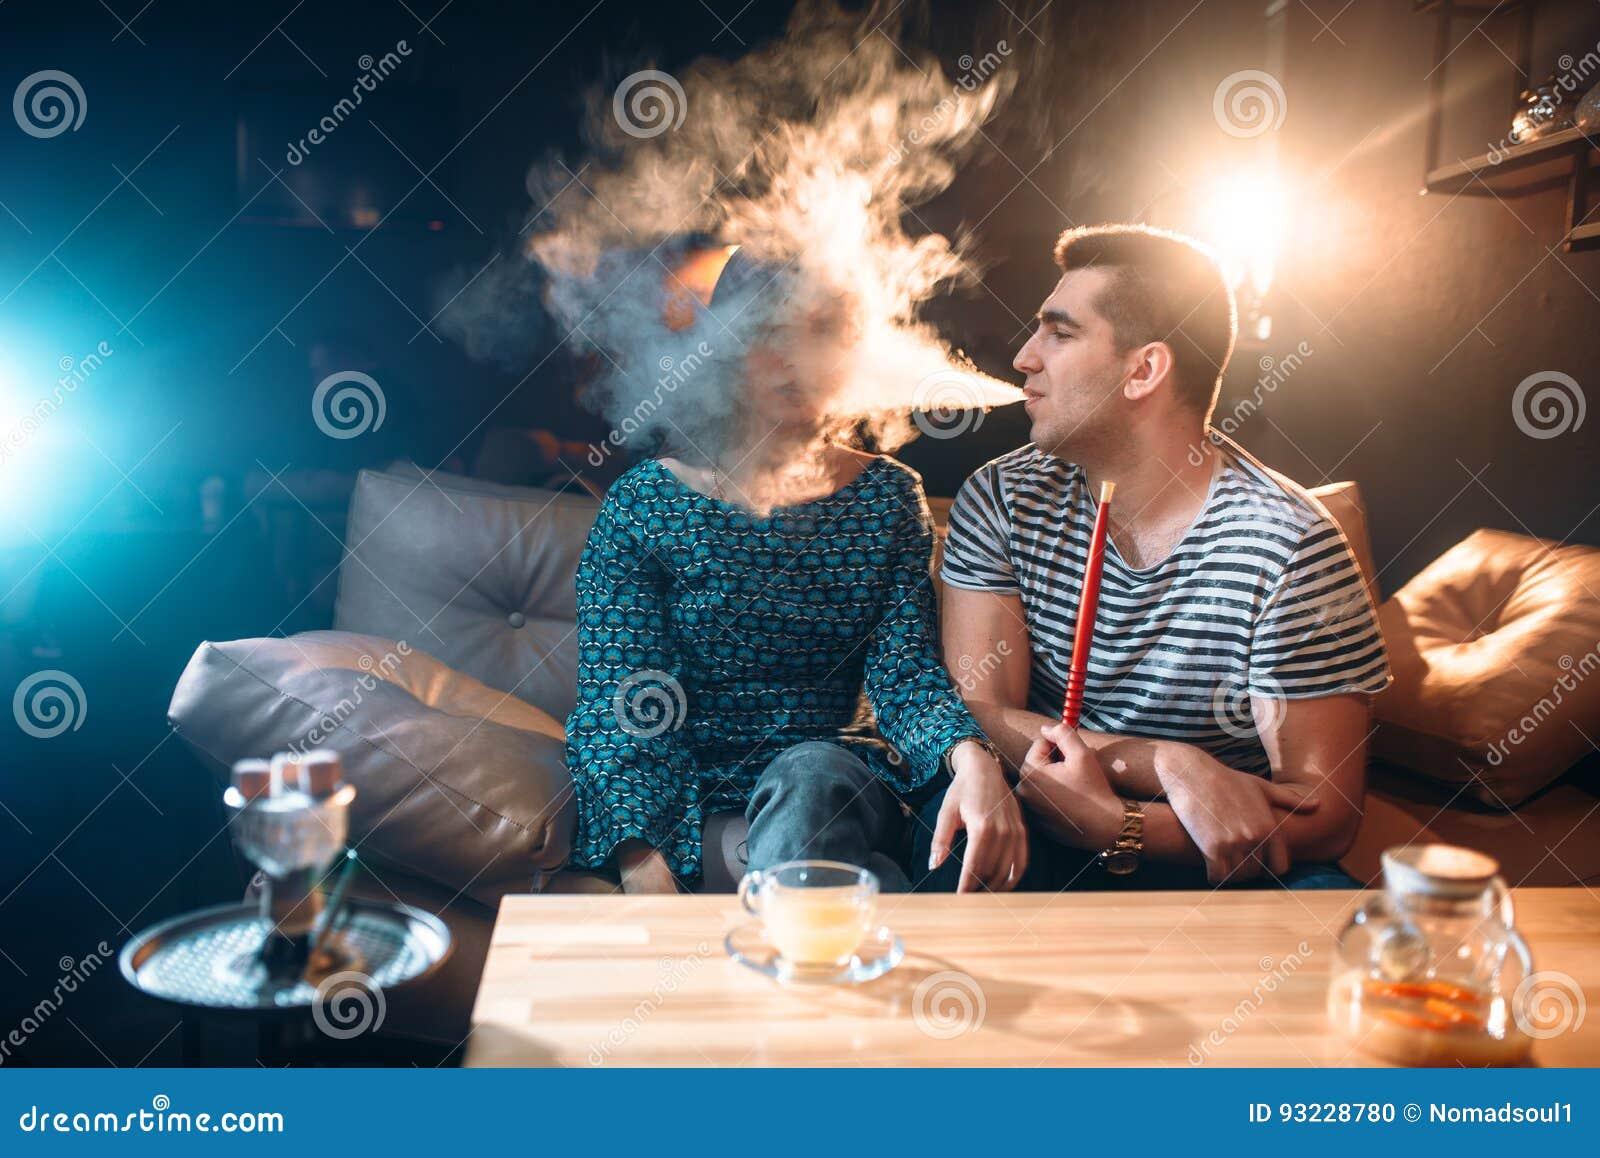 Mann mit Huka, Schläge rauchen im Gesicht der Frau